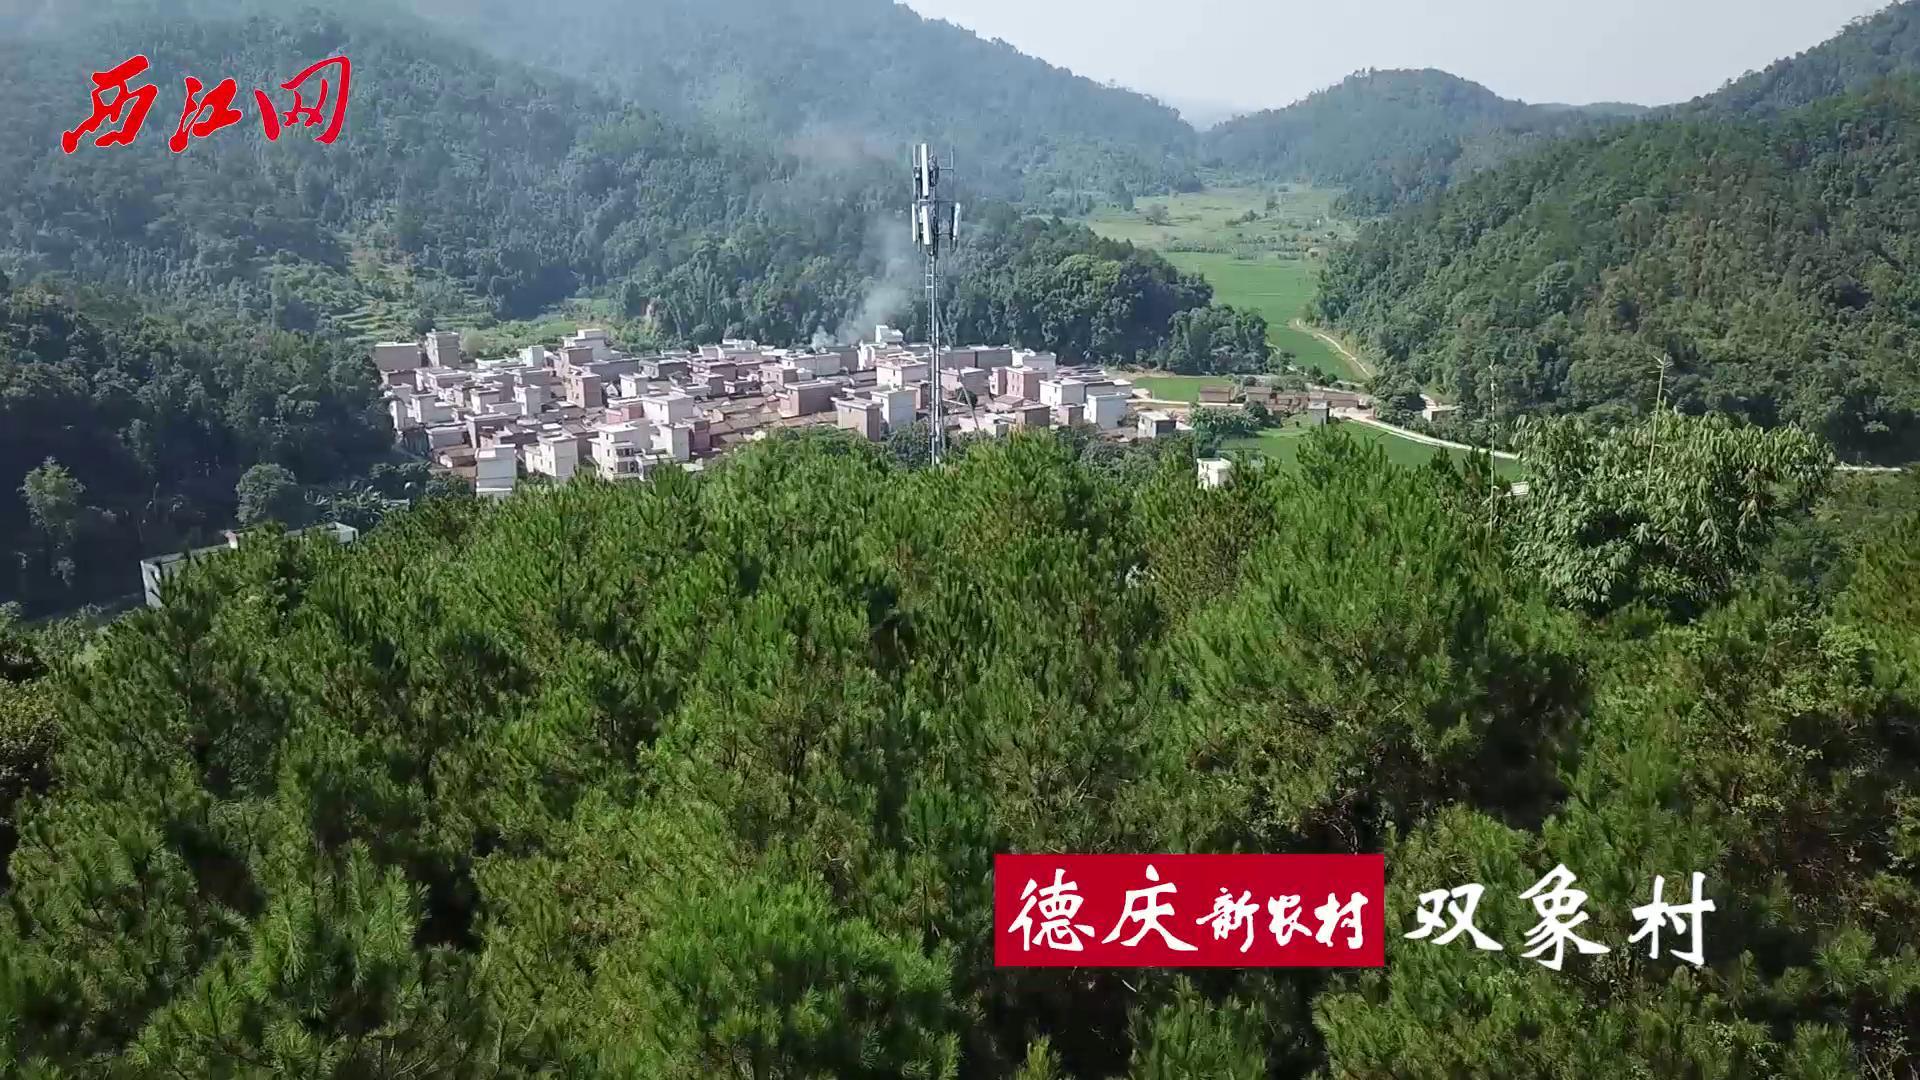 航拍新农村之德庆武垄双象村